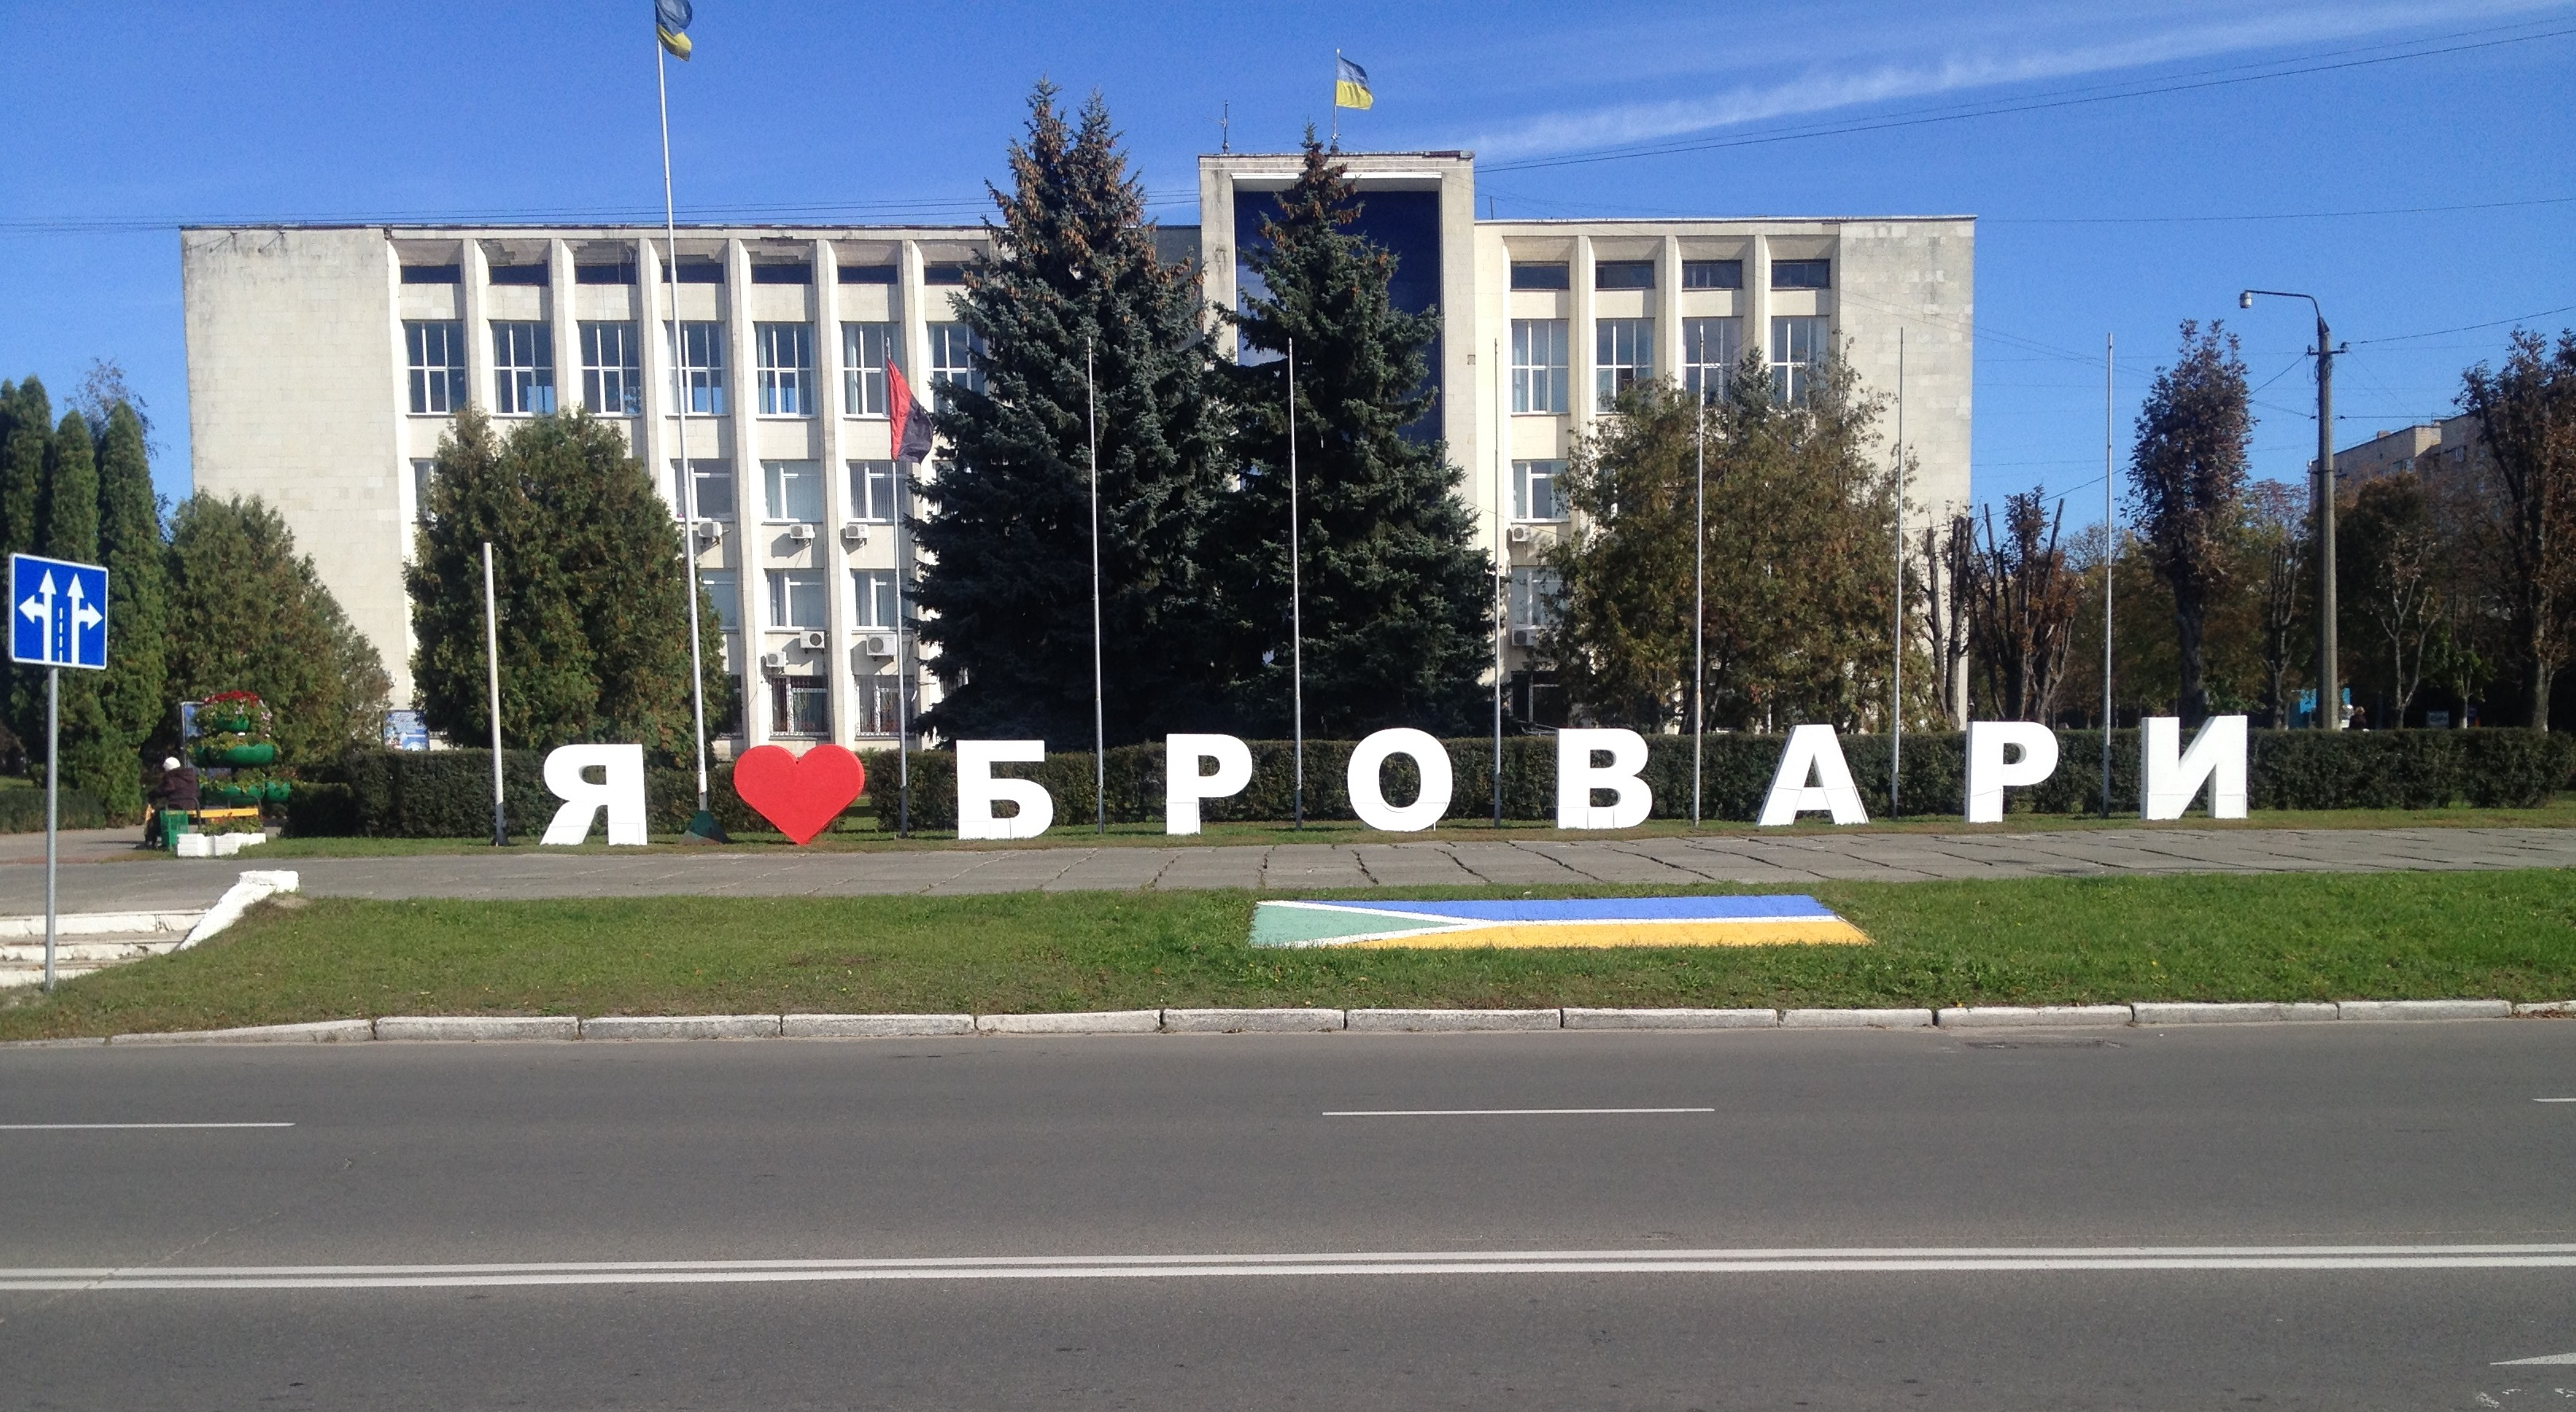 Бровари найбільш забруднене місто України -  - IMG 5641